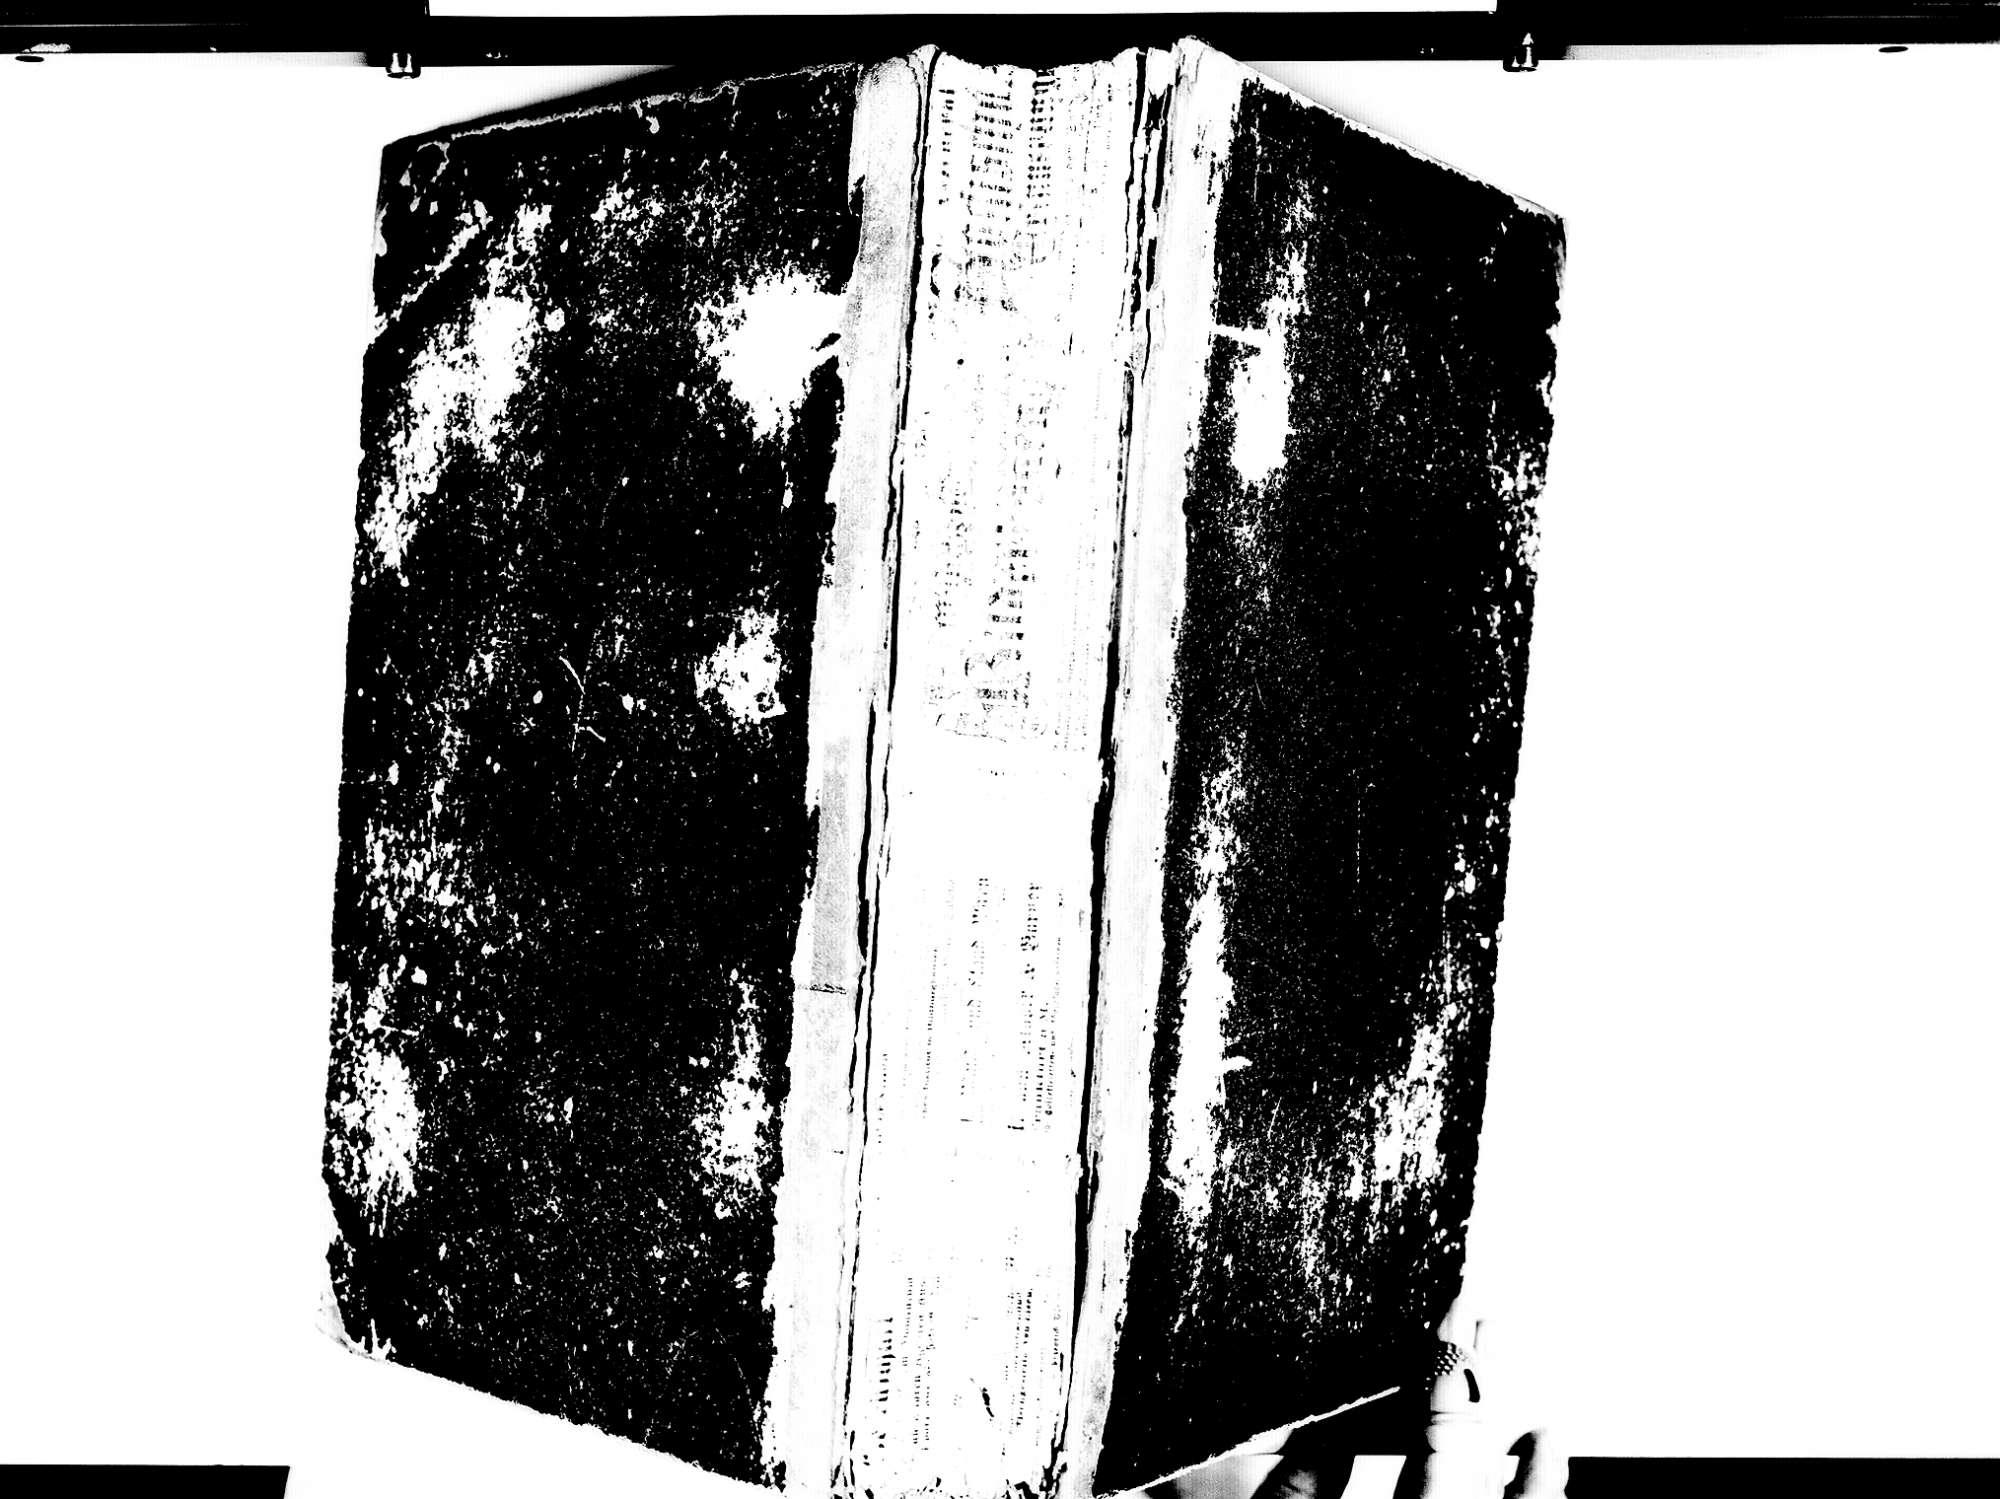 Lauf OG; Katholische Gemeinde: Sterbebuch 1810-1840, Bild 1